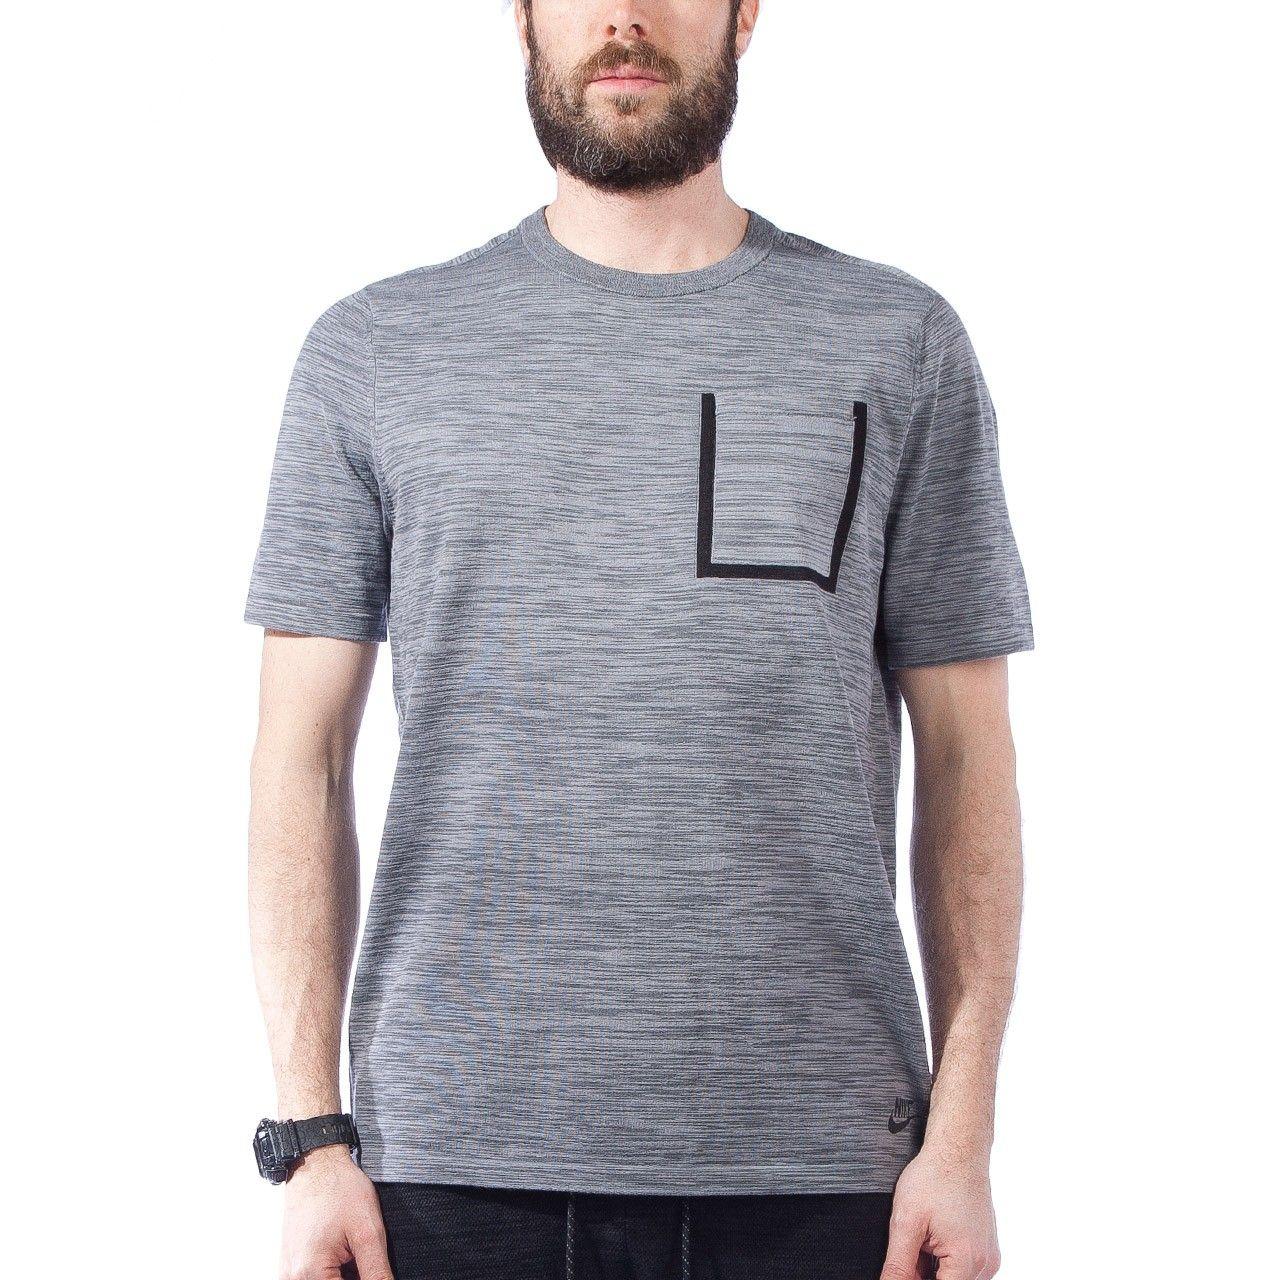 Nike Tech Knit Pocket TShirt (Cool Grey / Black)